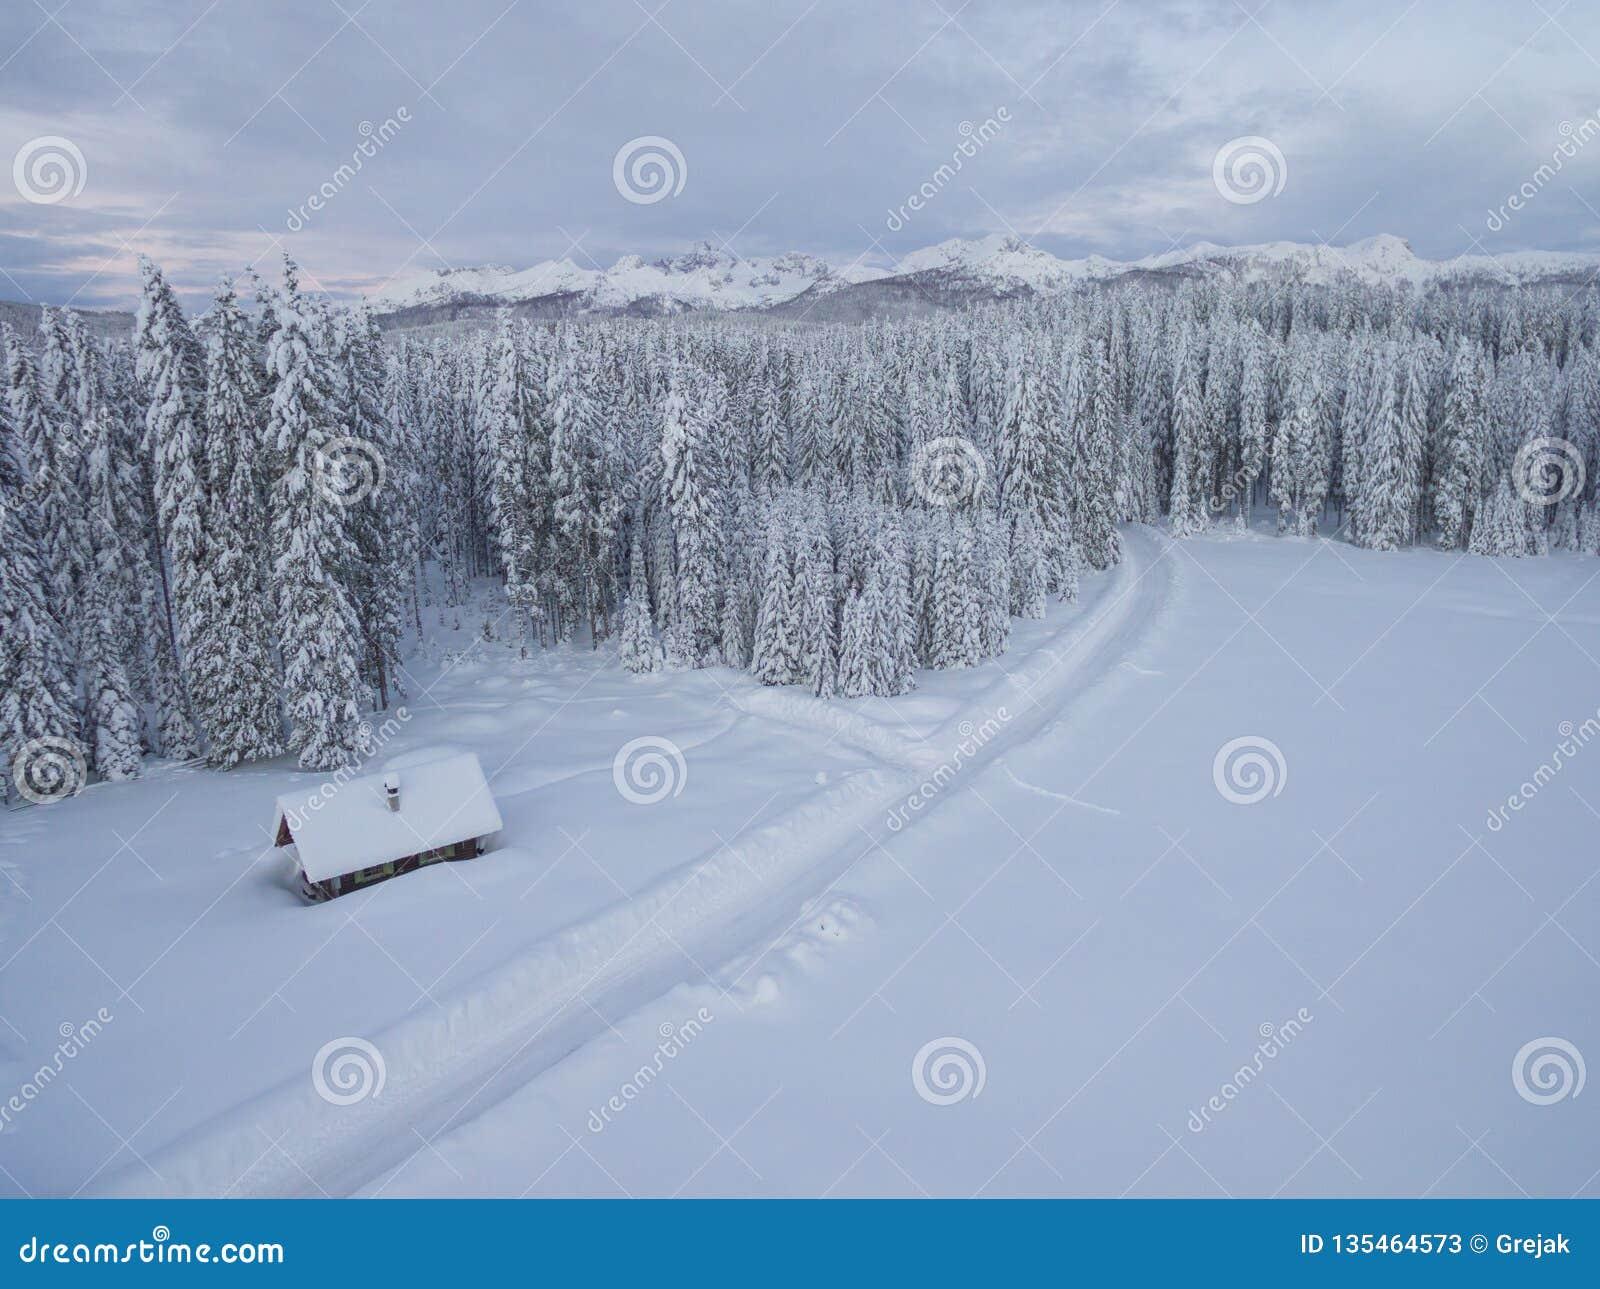 Powietrzna fotografia jeden drewniany dom obok lasu i gór zakrywających w śniegu za nim w zimnej zimie